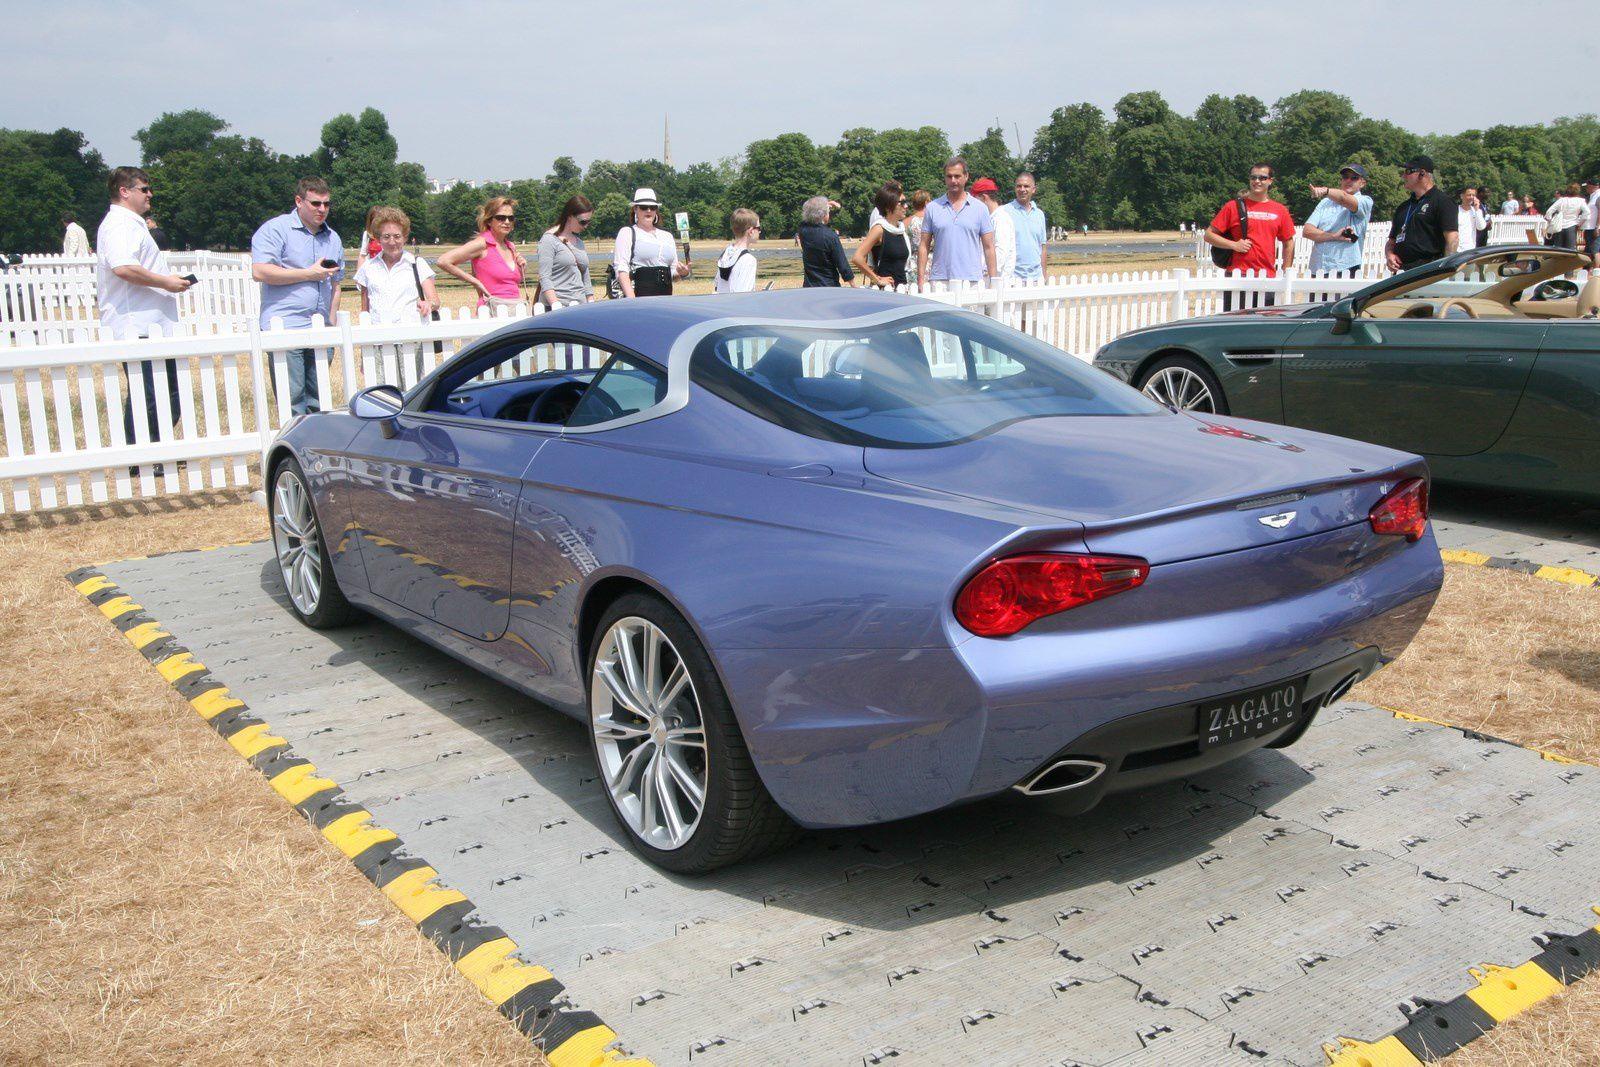 Les DBS Coupe Zagato Centenial et DB9 Spider Zagato Centenial, modèles présentés pour la première fois au public